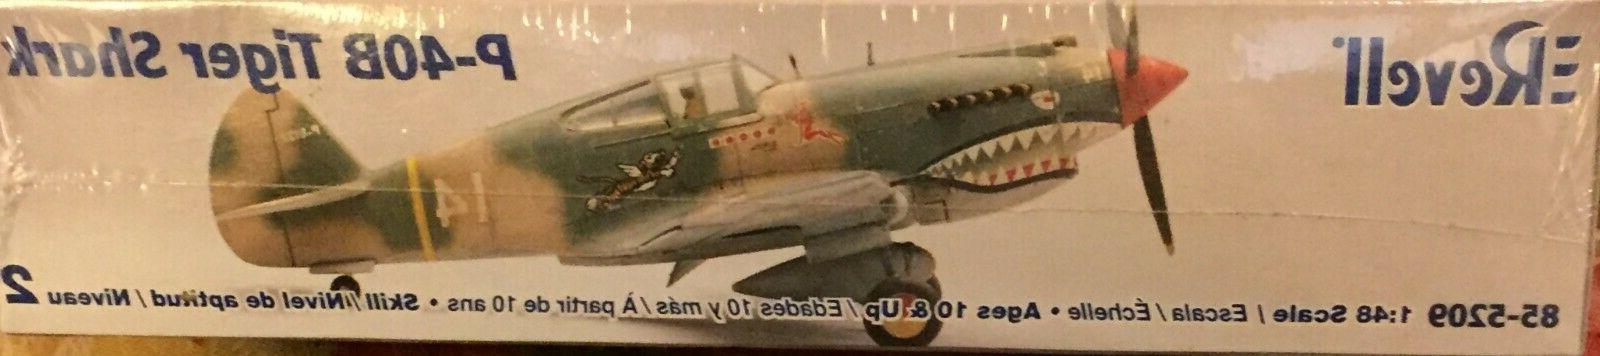 P-40B Shark Revell 1/48 Kit 85-5209